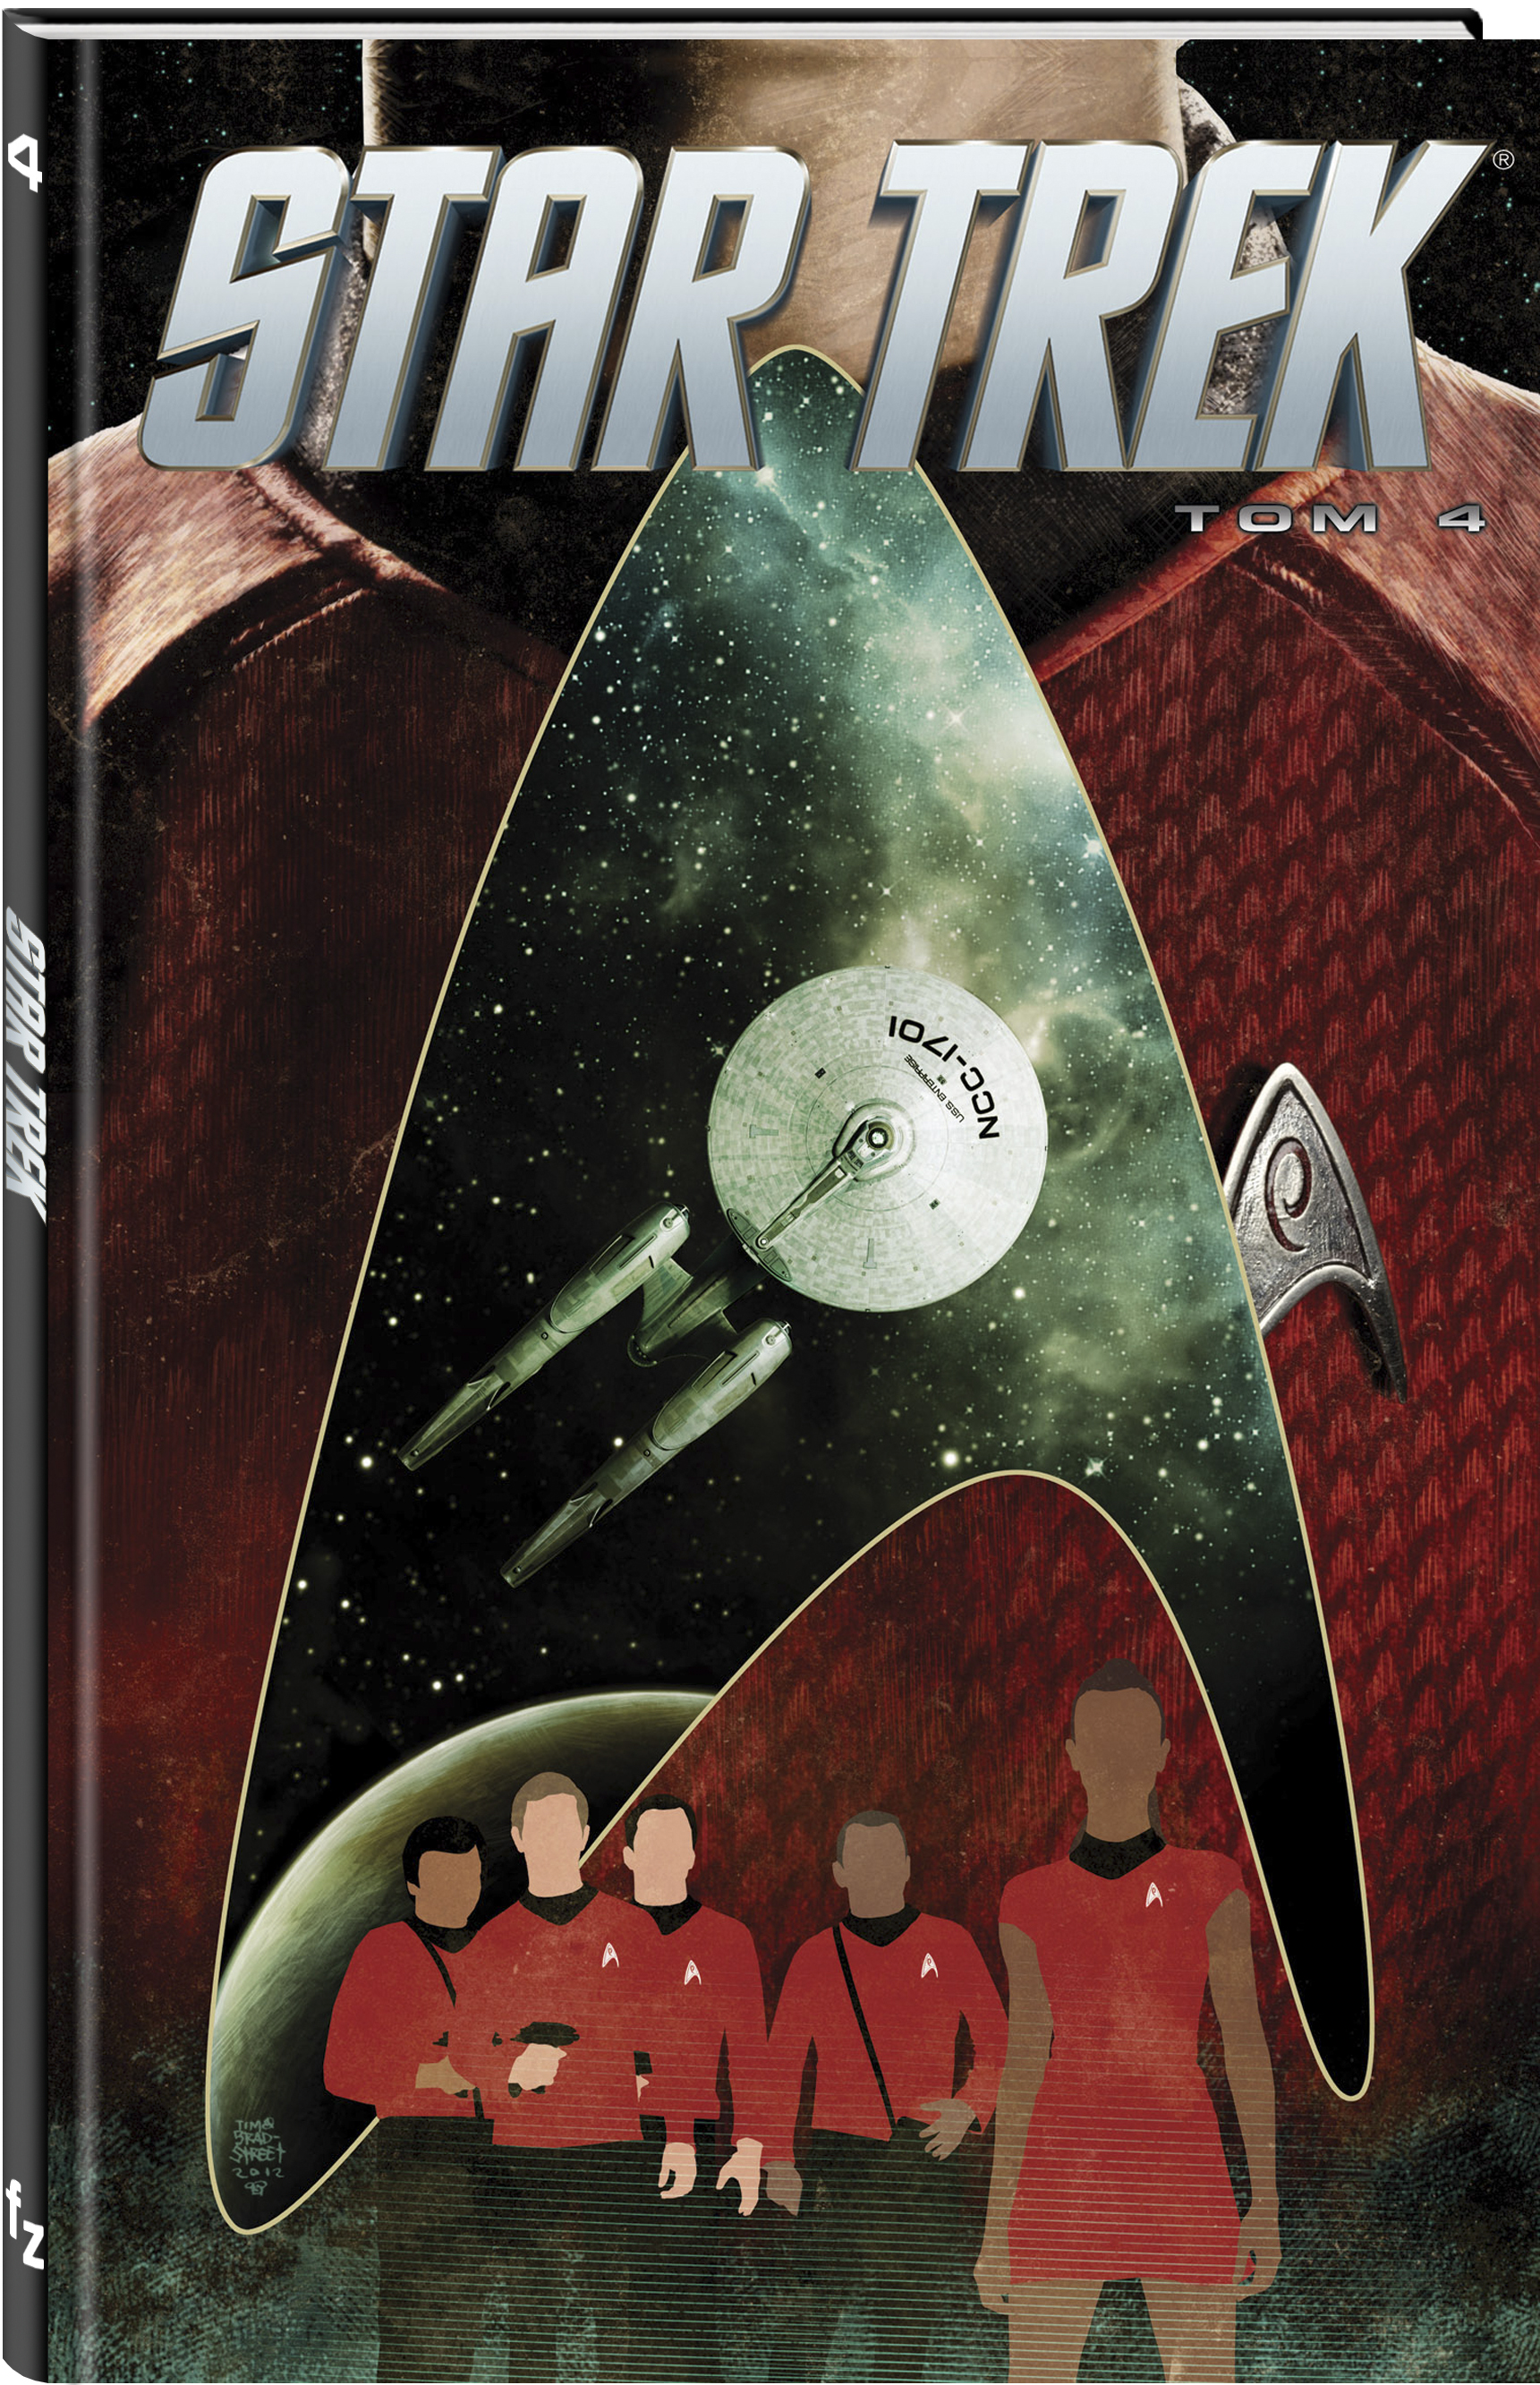 Джонсон М. Стартрек / Star Trek. Том 4 джонсон м star trek том 4